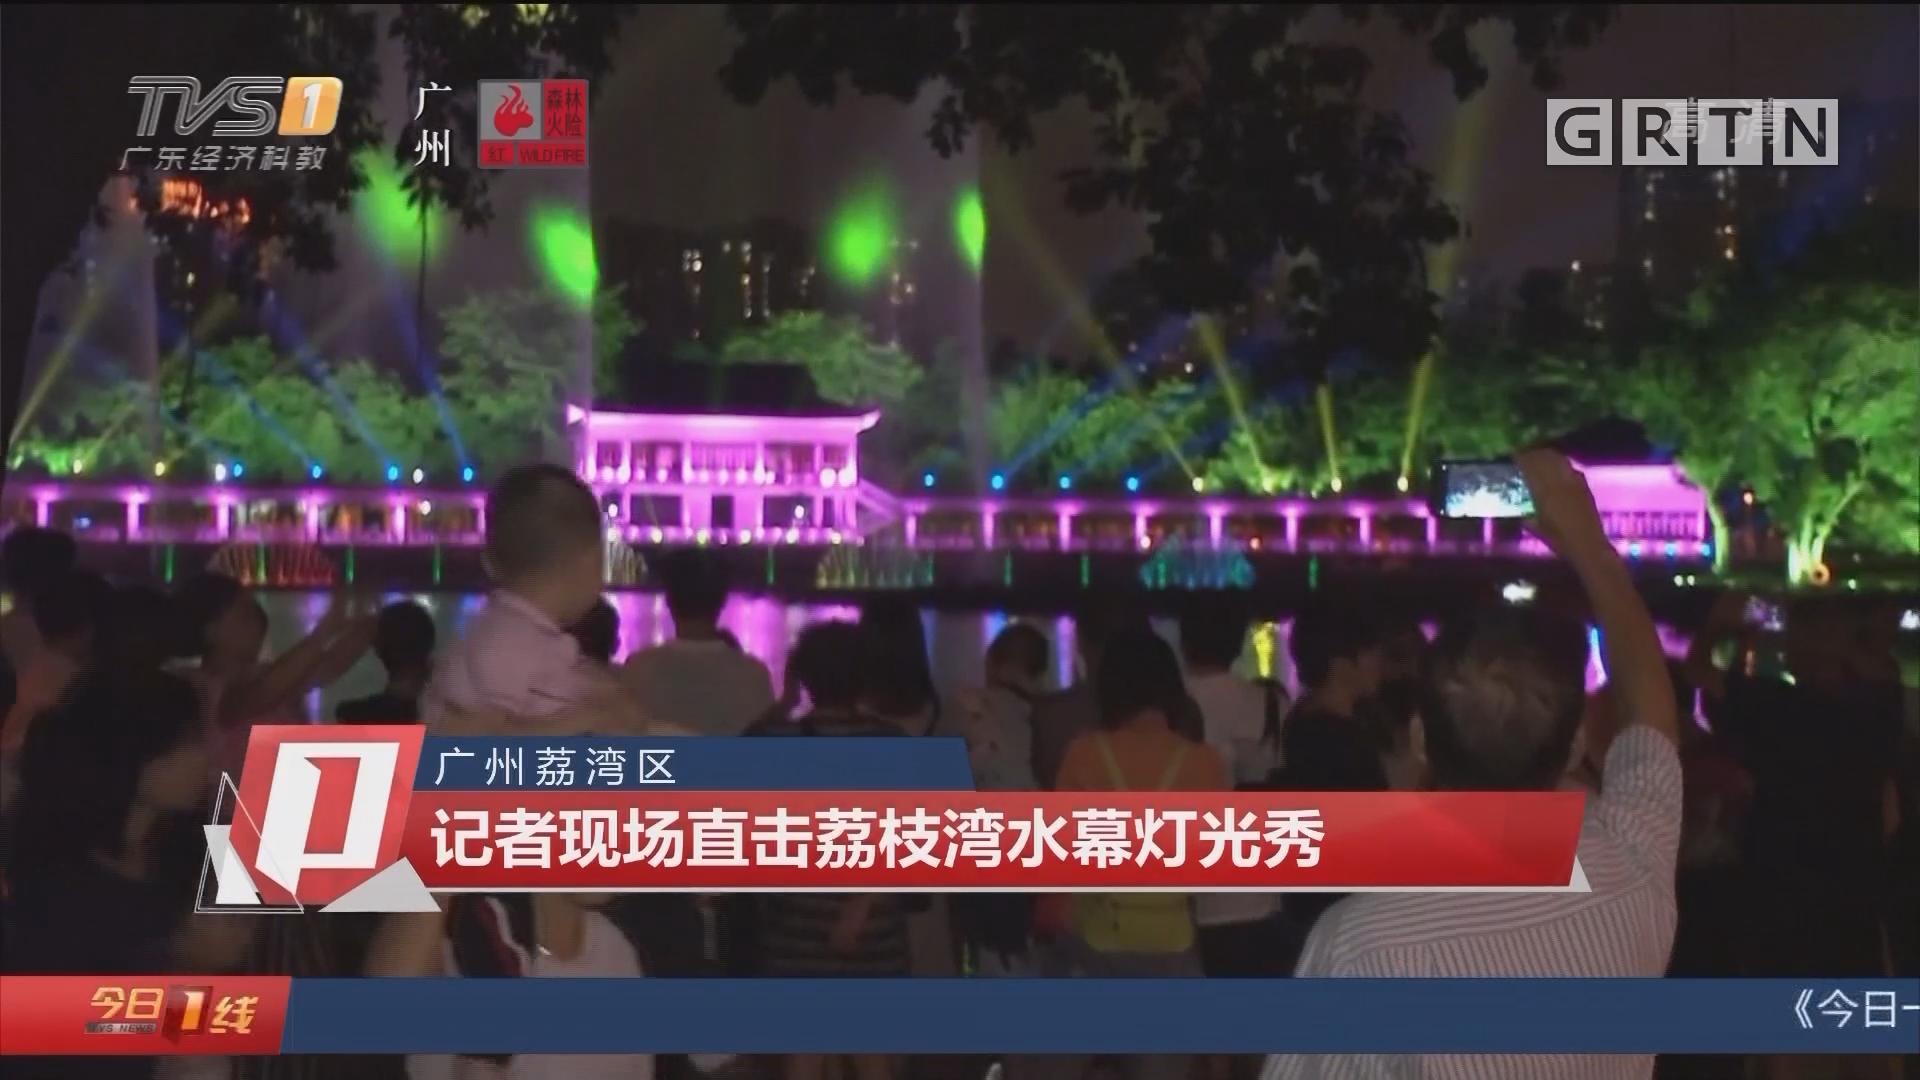 广州荔湾区 记者现场直击荔枝湾水幕灯光秀